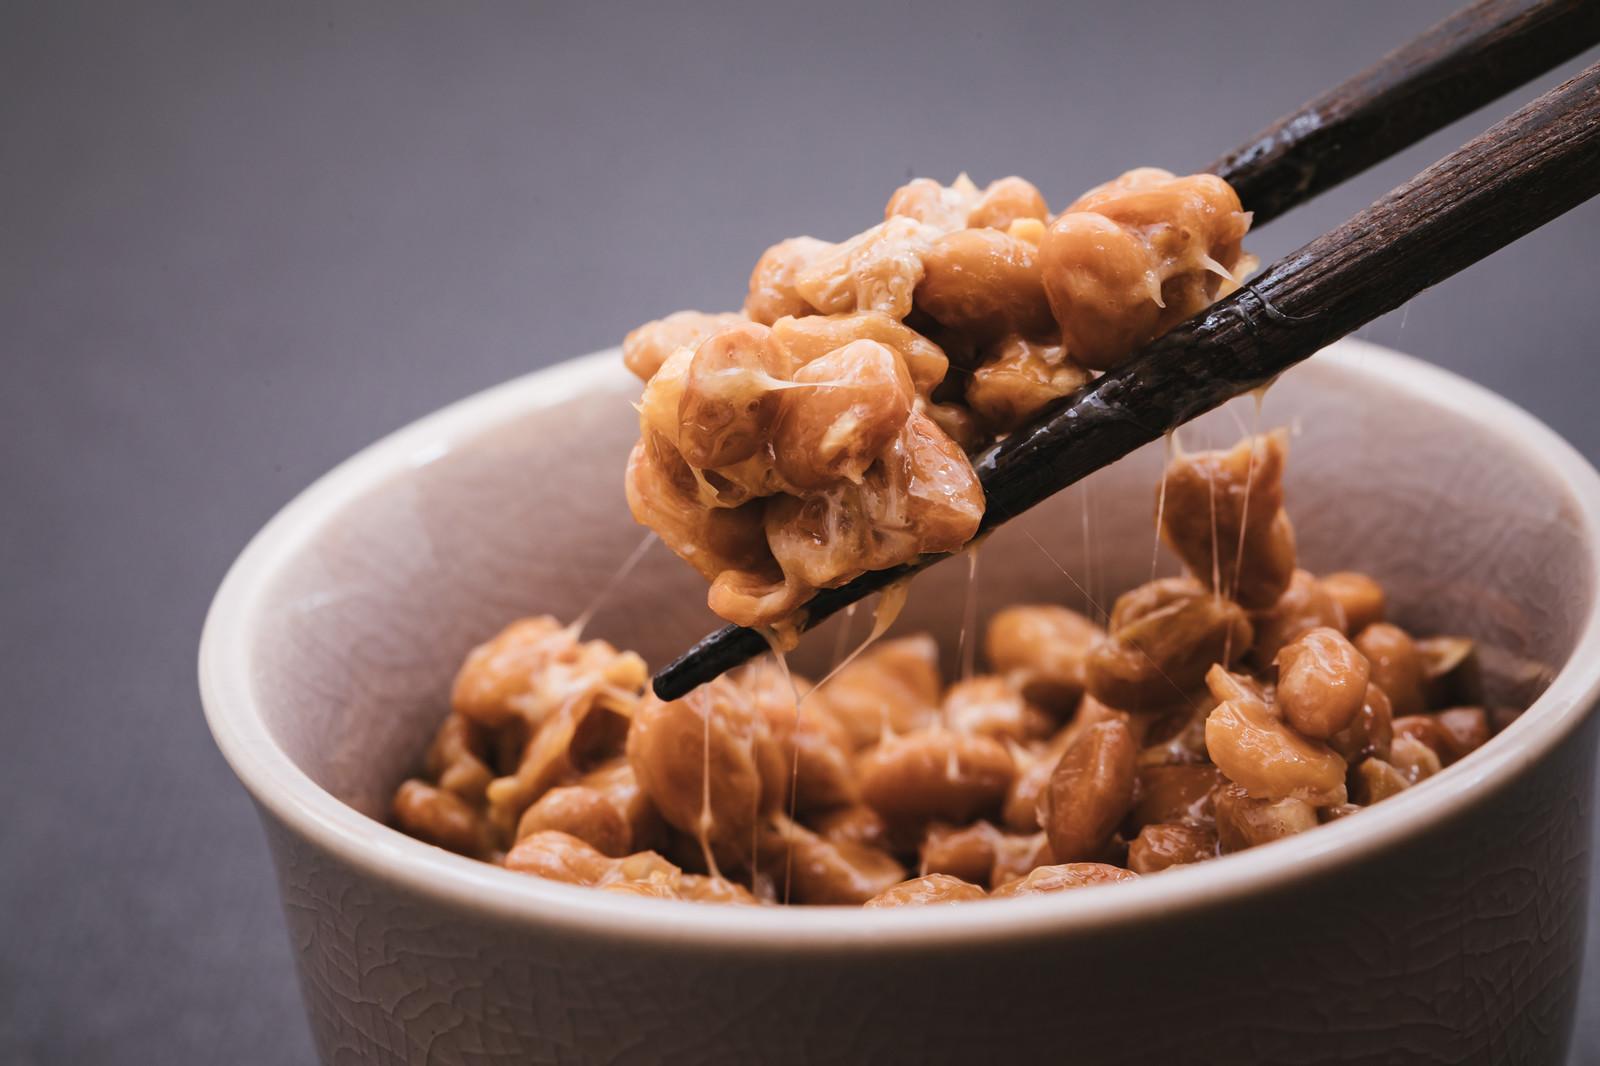 【納豆由来・機能性素材】 国内外で注目集まるナットウキナーゼ